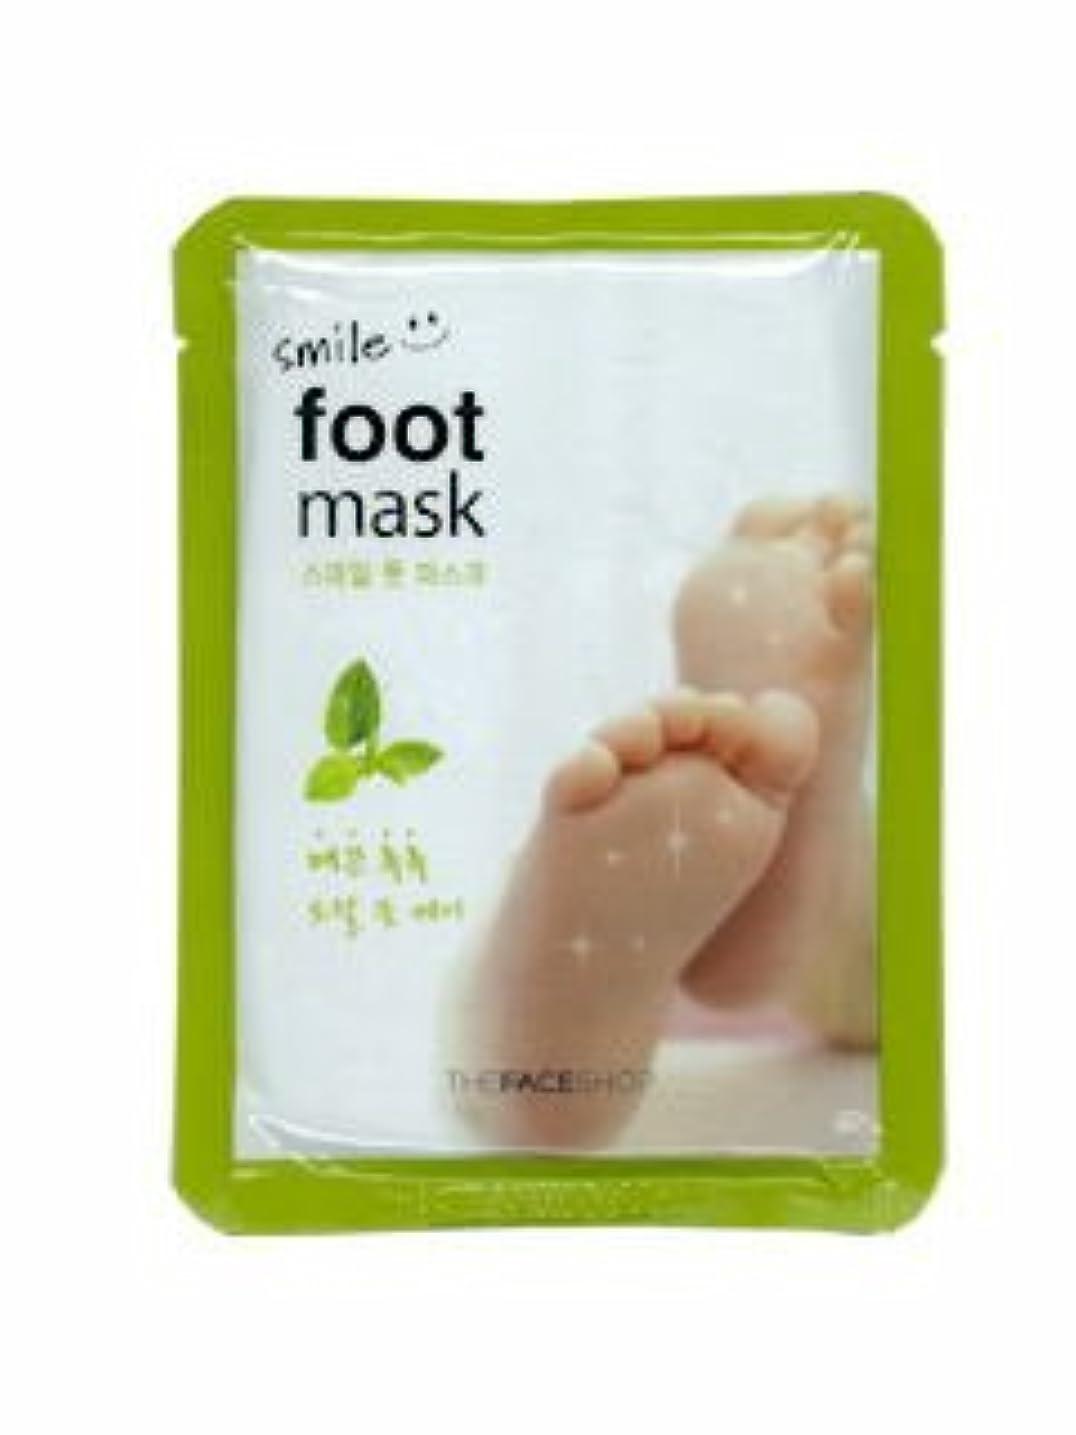 フェンスホイットニー解放する【THE FACE SHOP ( ザフェイスショップ )】 SMILE FOOT MASK スマイル フット マスク